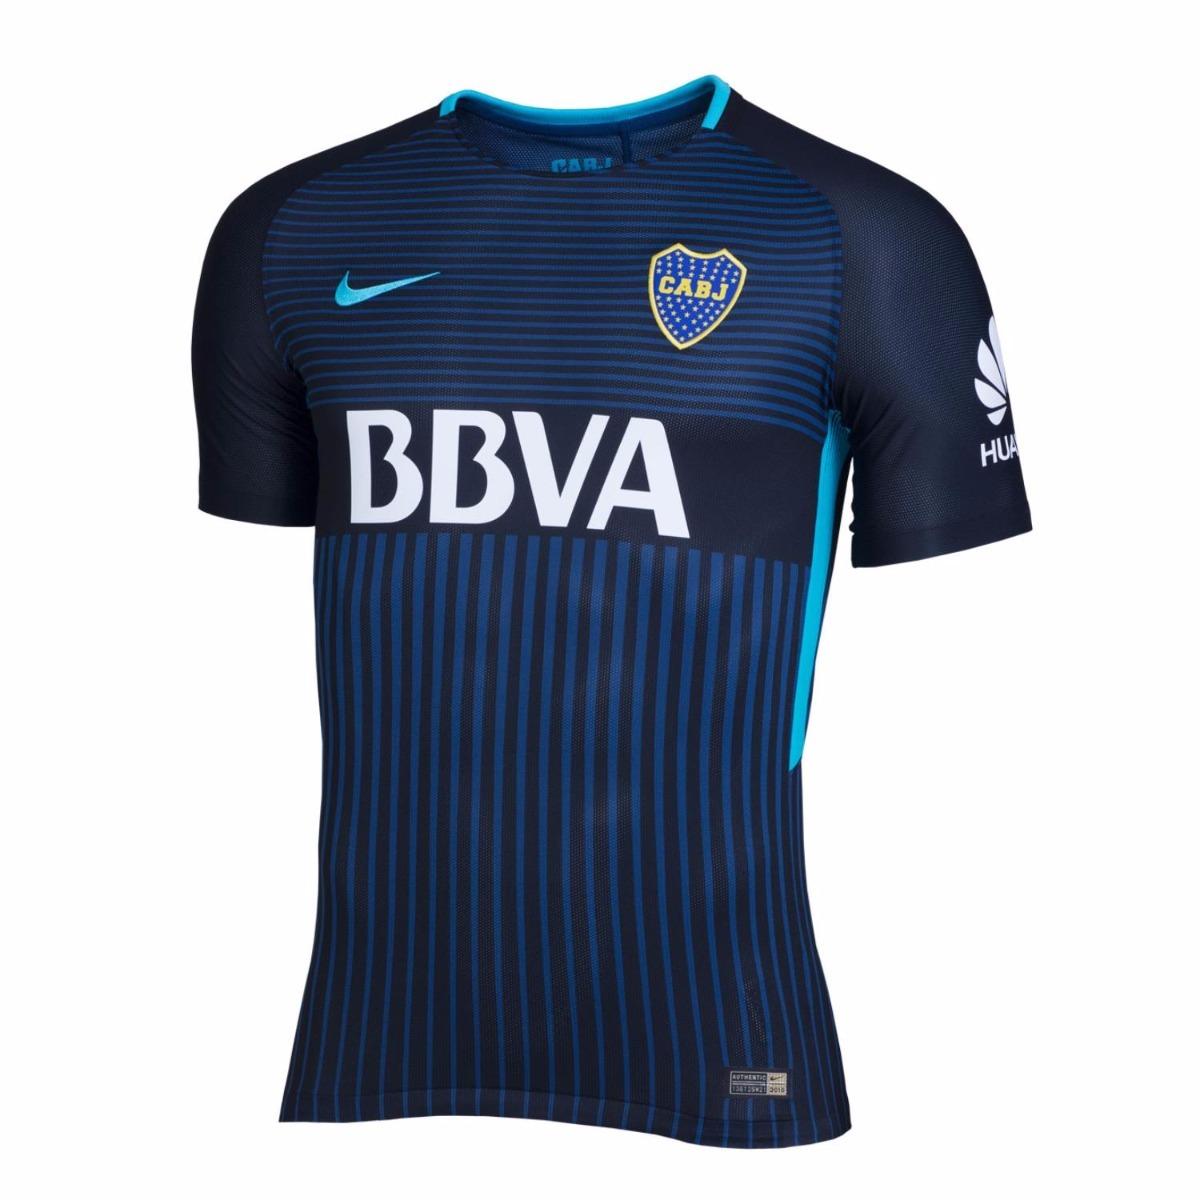 camisa boca juniors 3rd - unif 3 - 2017 2018 - frete grátis. Carregando  zoom. 2fffe37b95c23